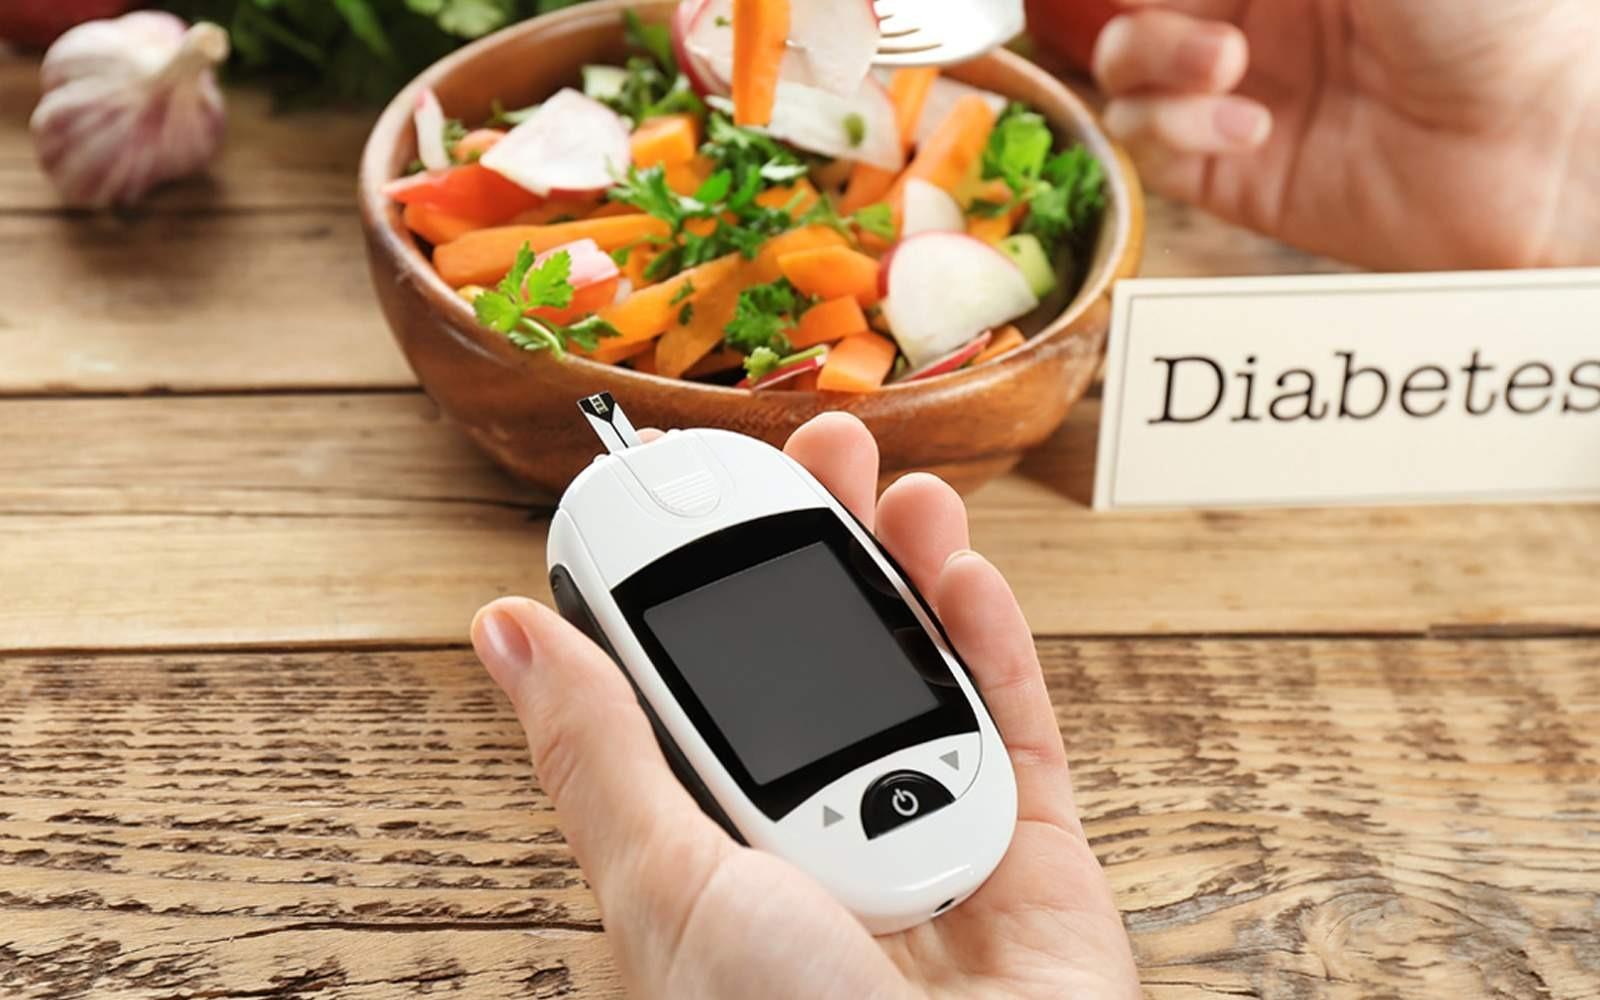 Gula Darah Stabil Tak Berarti Sembuh, Penderita Diabetes Tetap Harus Jaga Nutrisi